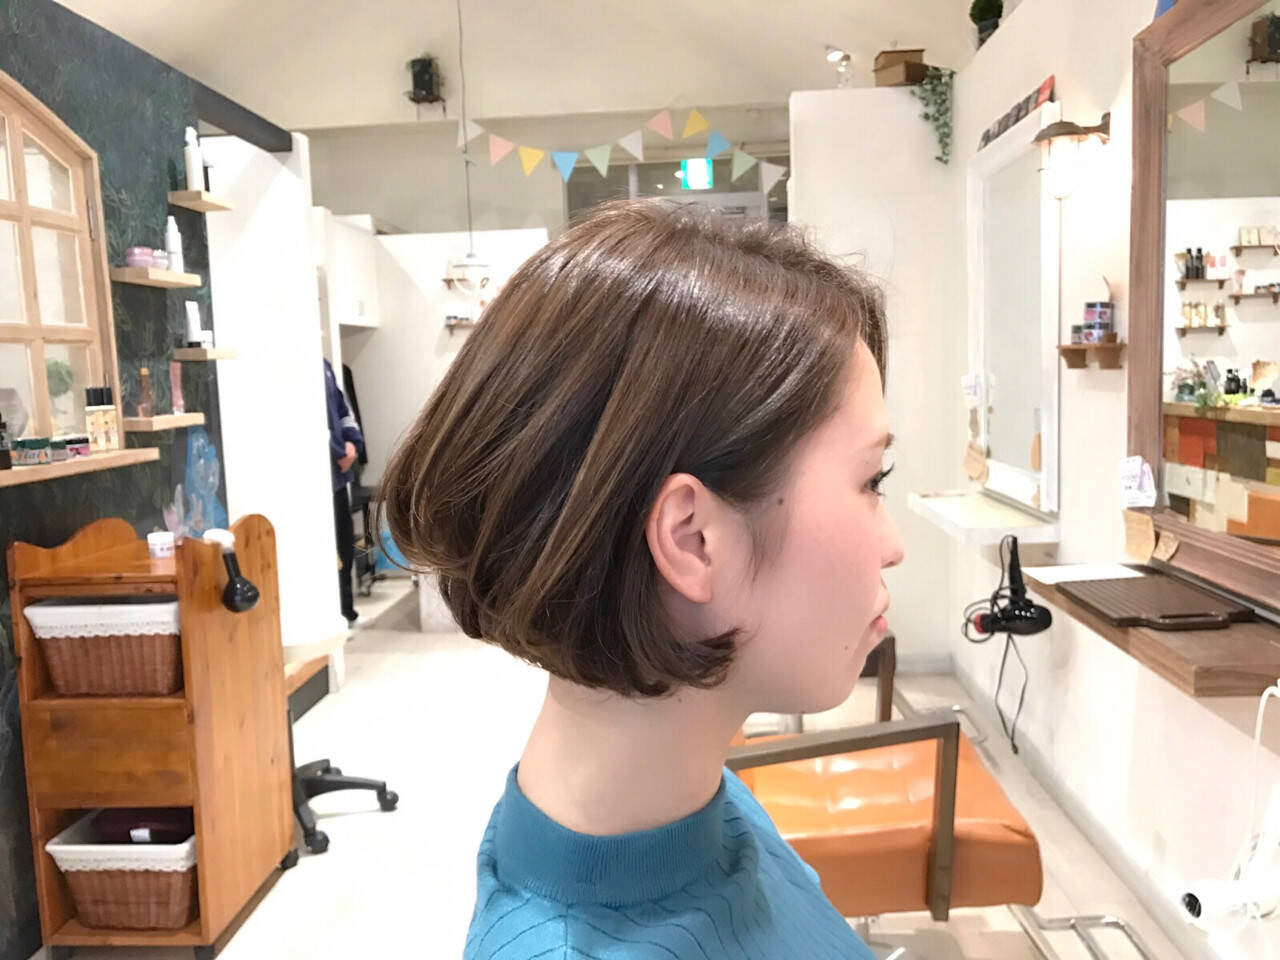 ボブ イルミナカラー 色気 大人女子ヘアスタイルや髪型の写真・画像